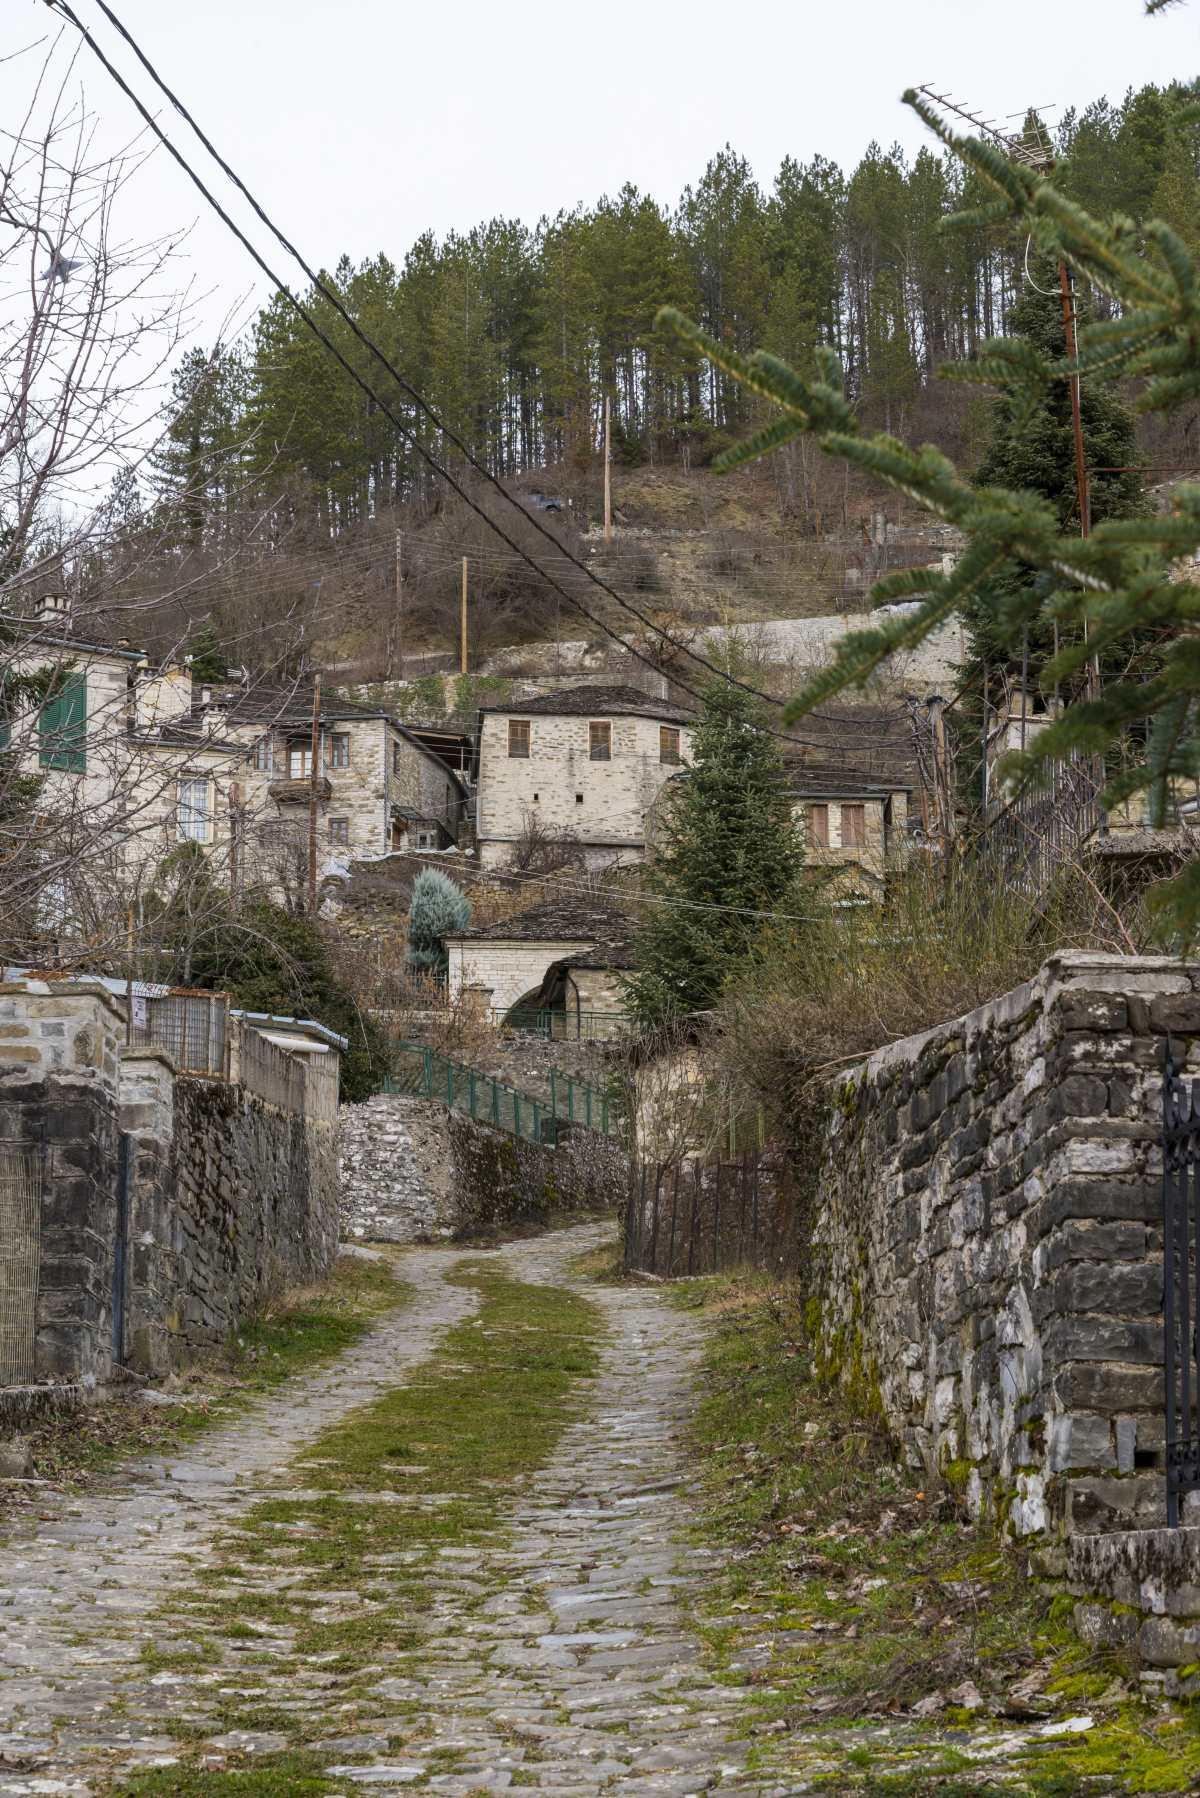 Βόλτα στα λιιθόστρωτα σοκάκια στους Κήπους, Ζαγοροχώρια